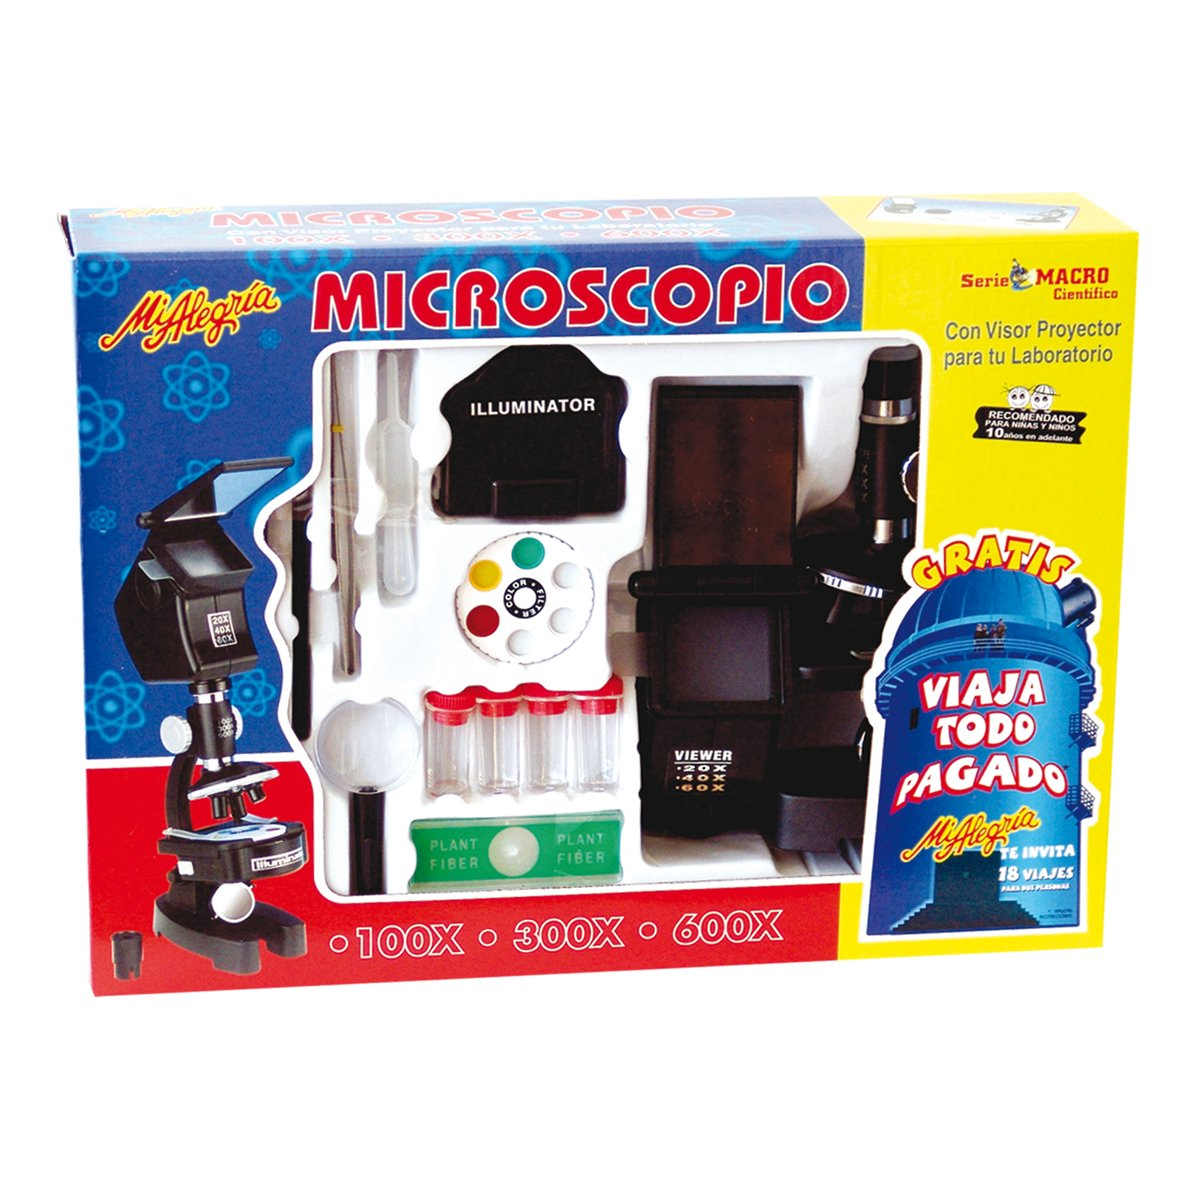 Mi Alegria Microscopio con Proyector Microscopio - Juguetes y Kits ...